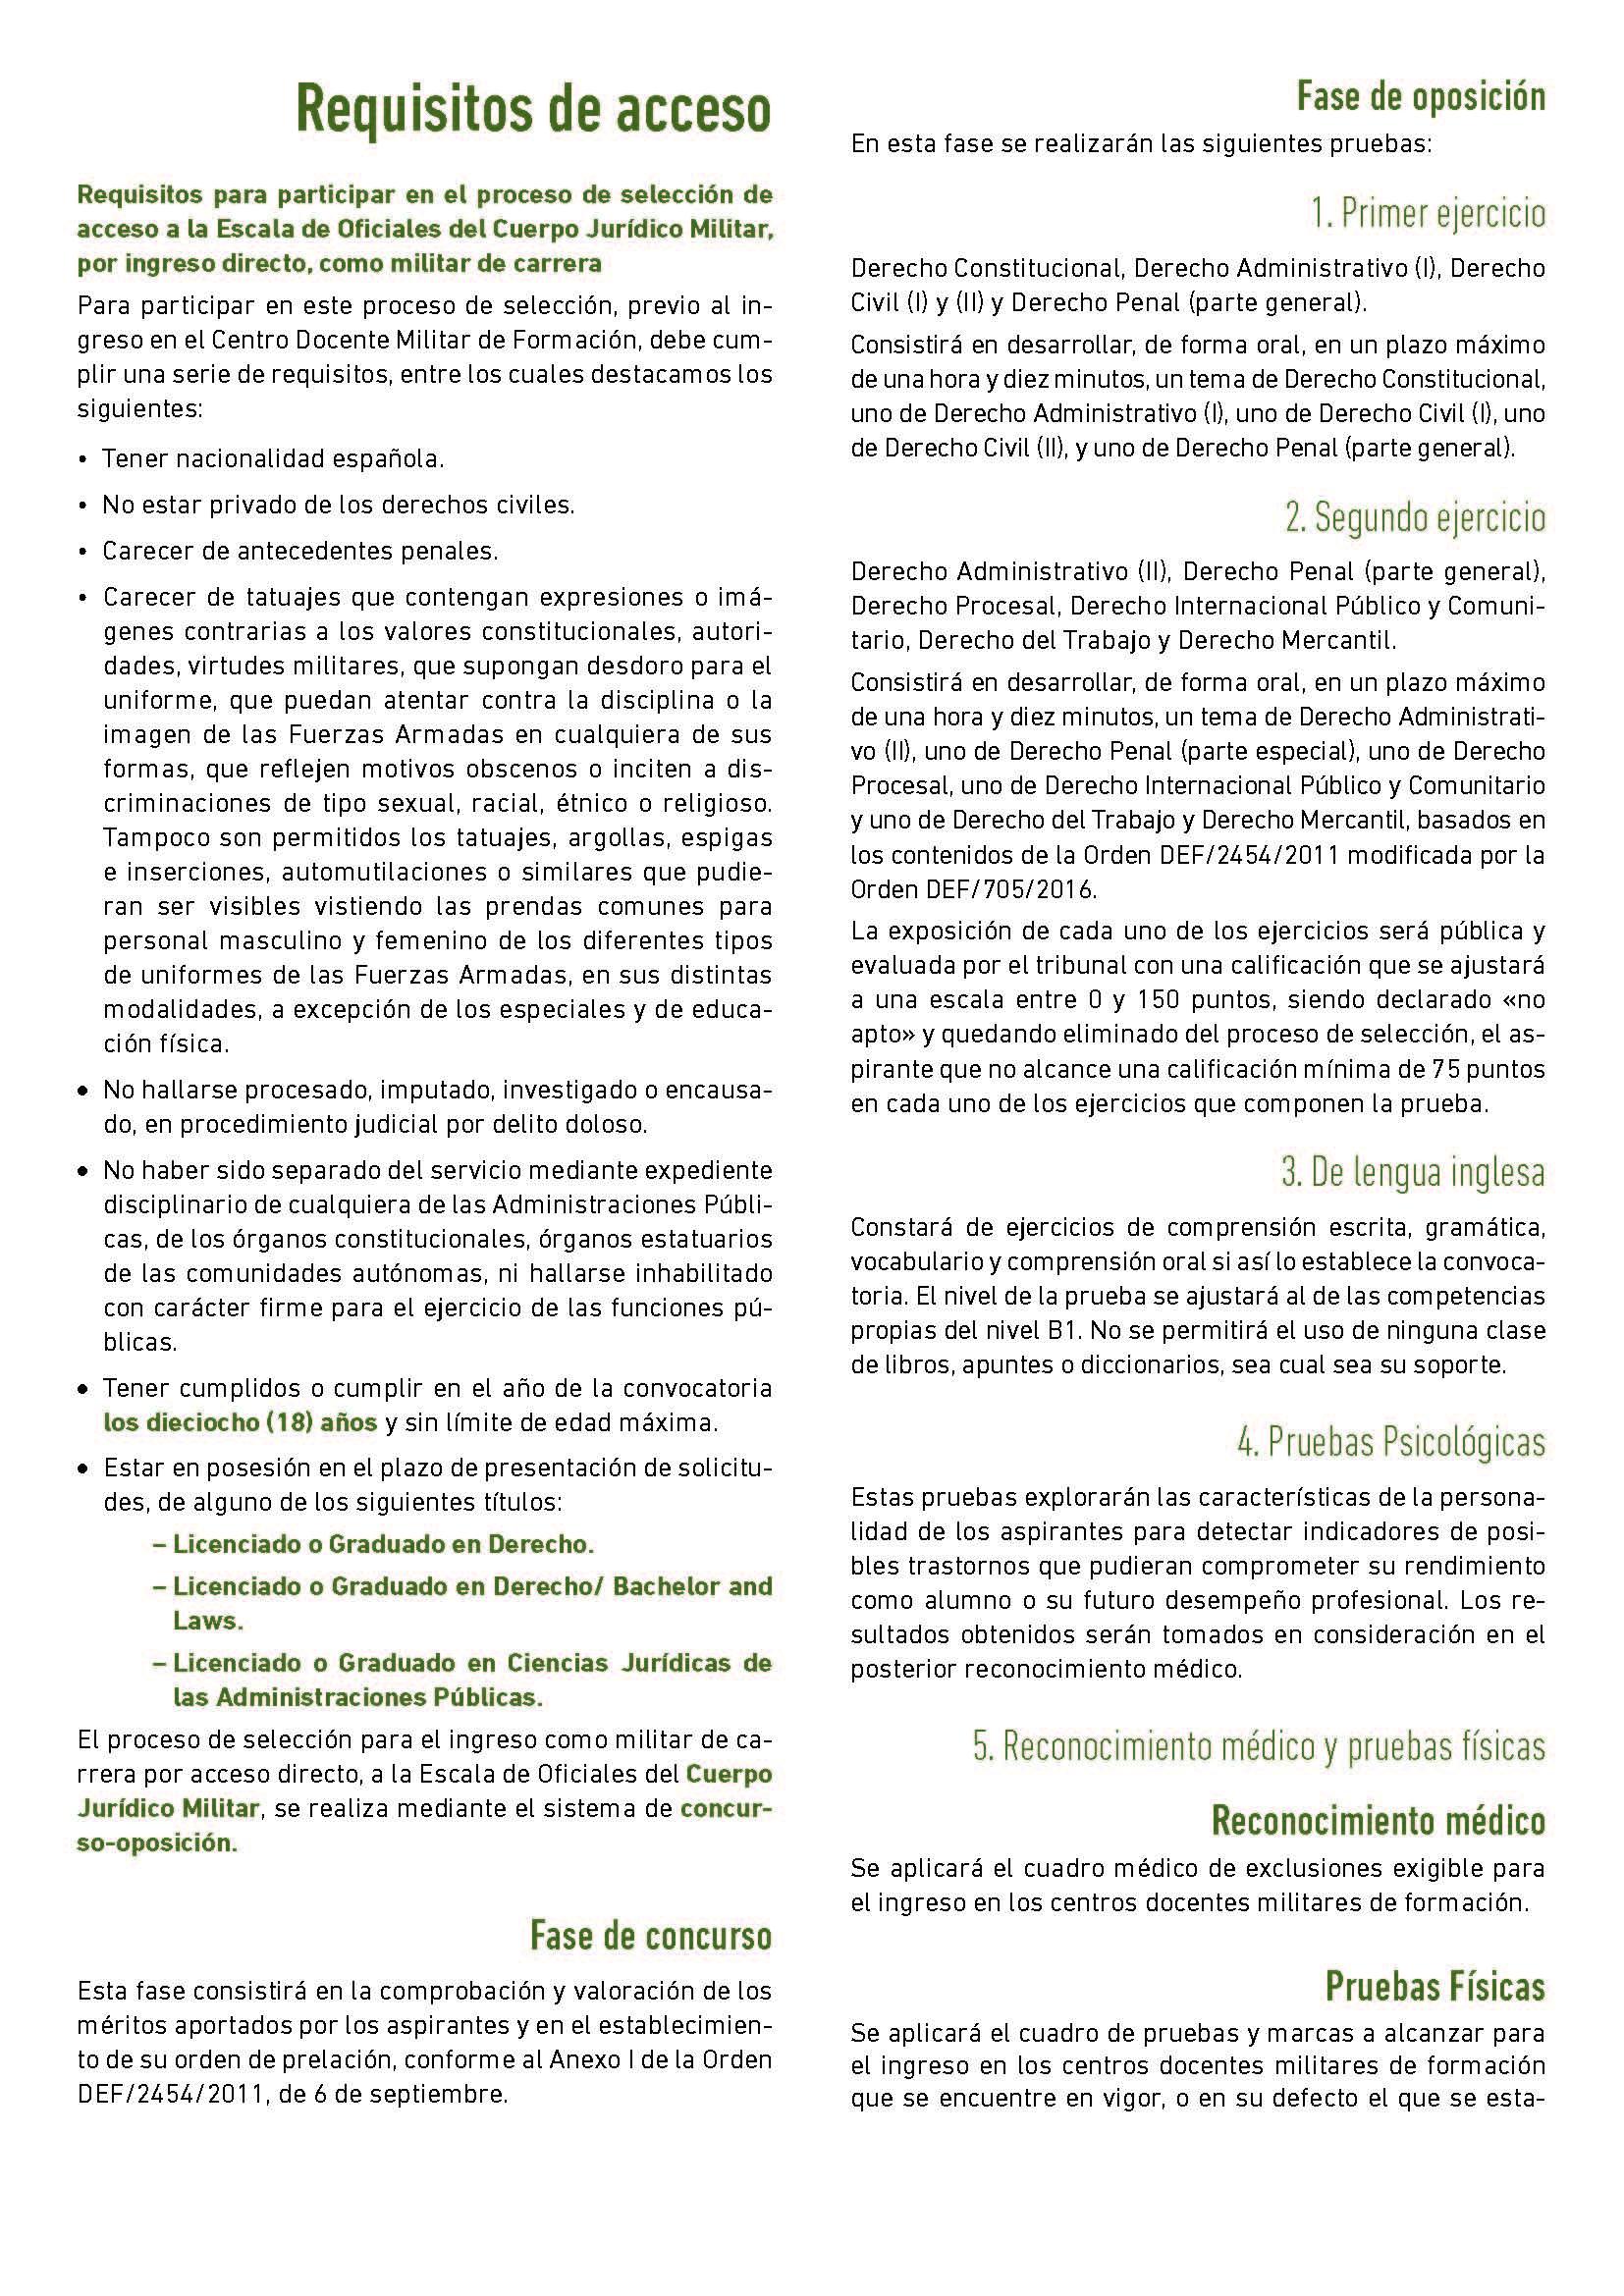 JURIDICO_Página_2